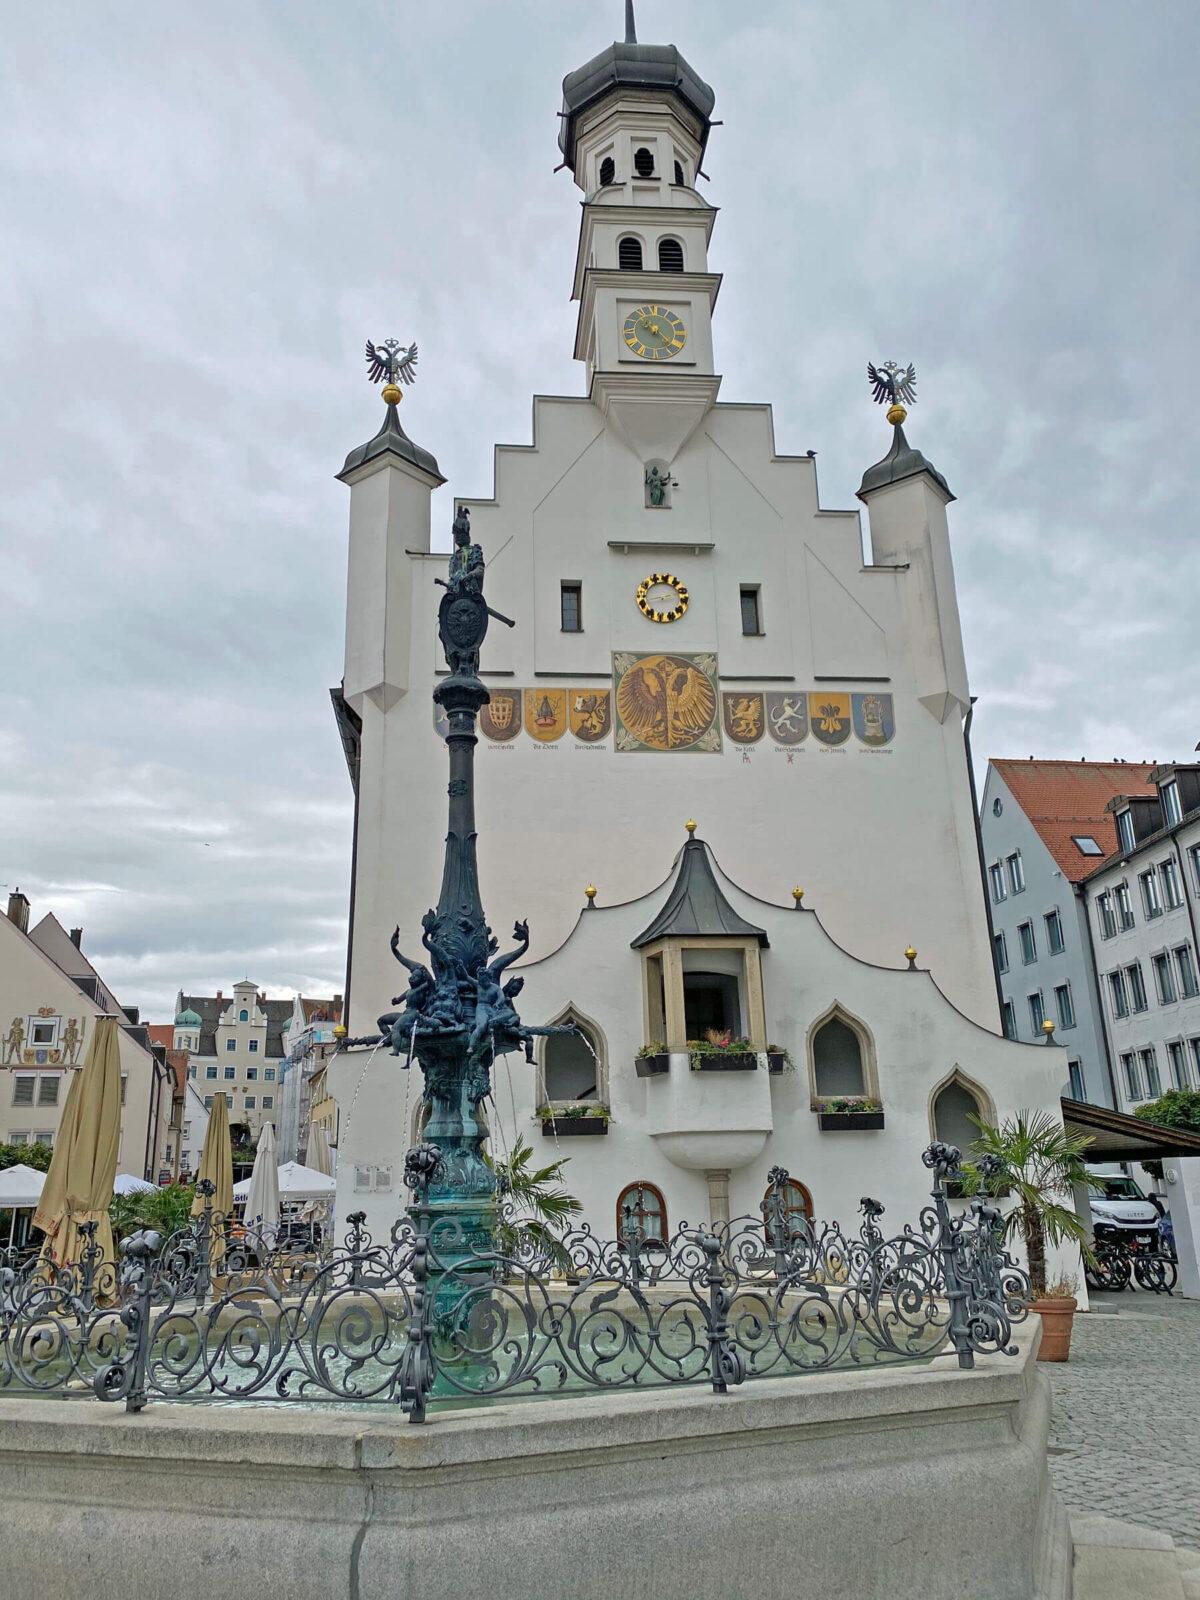 Bayern: Roadtrip zu den Oberbayrischen Seen